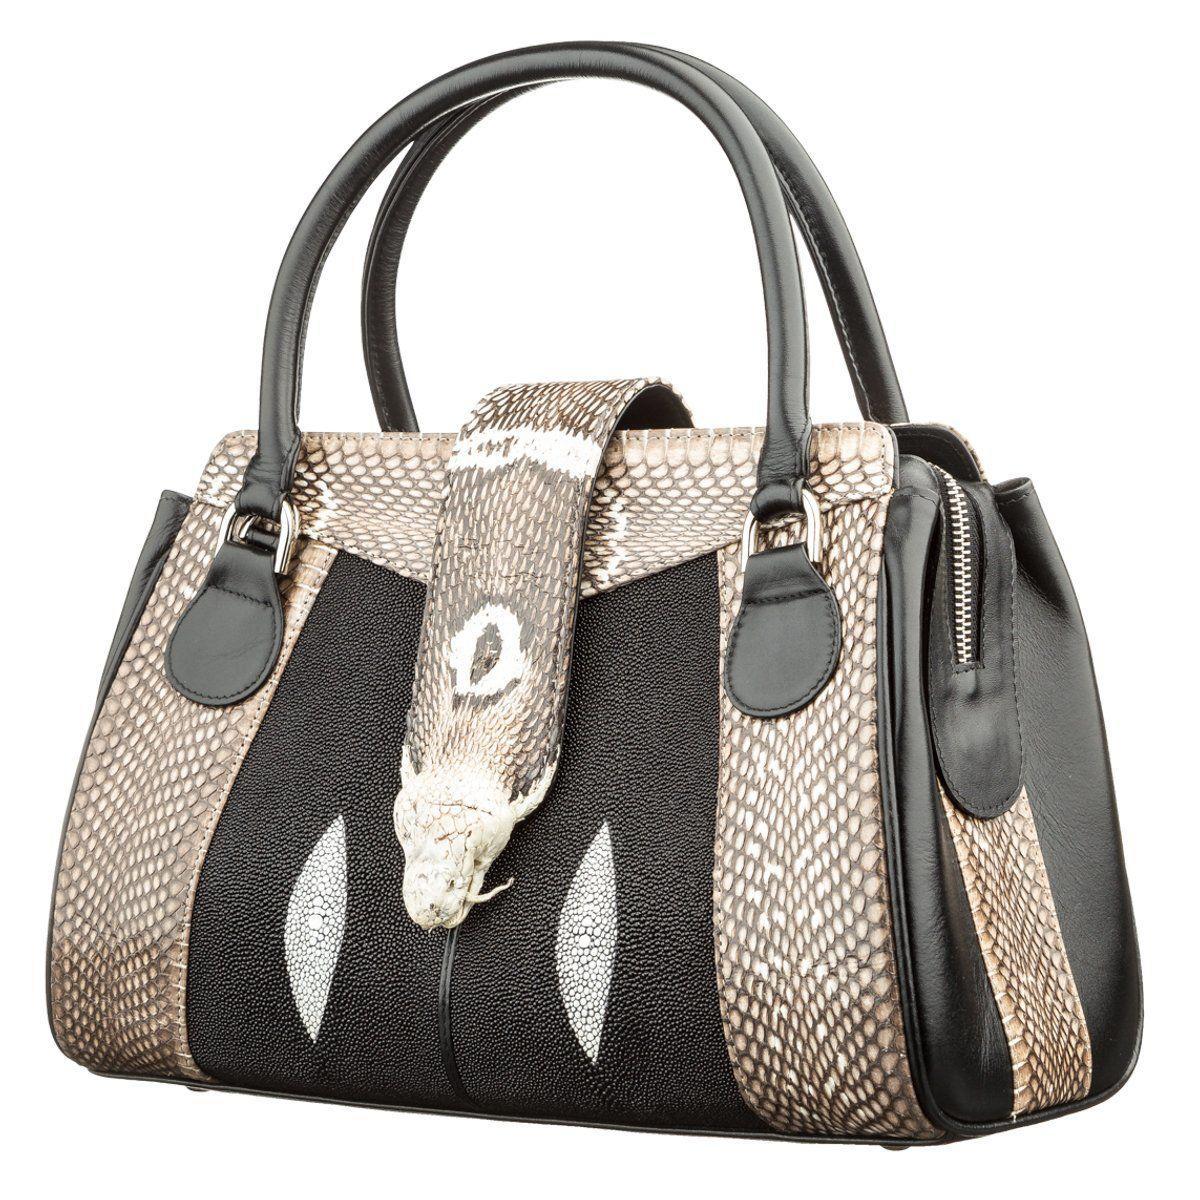 Сумка женская Ekzotic Leather из натуральной кожи морского ската со вставками из кожи питона Черная (sb 28)